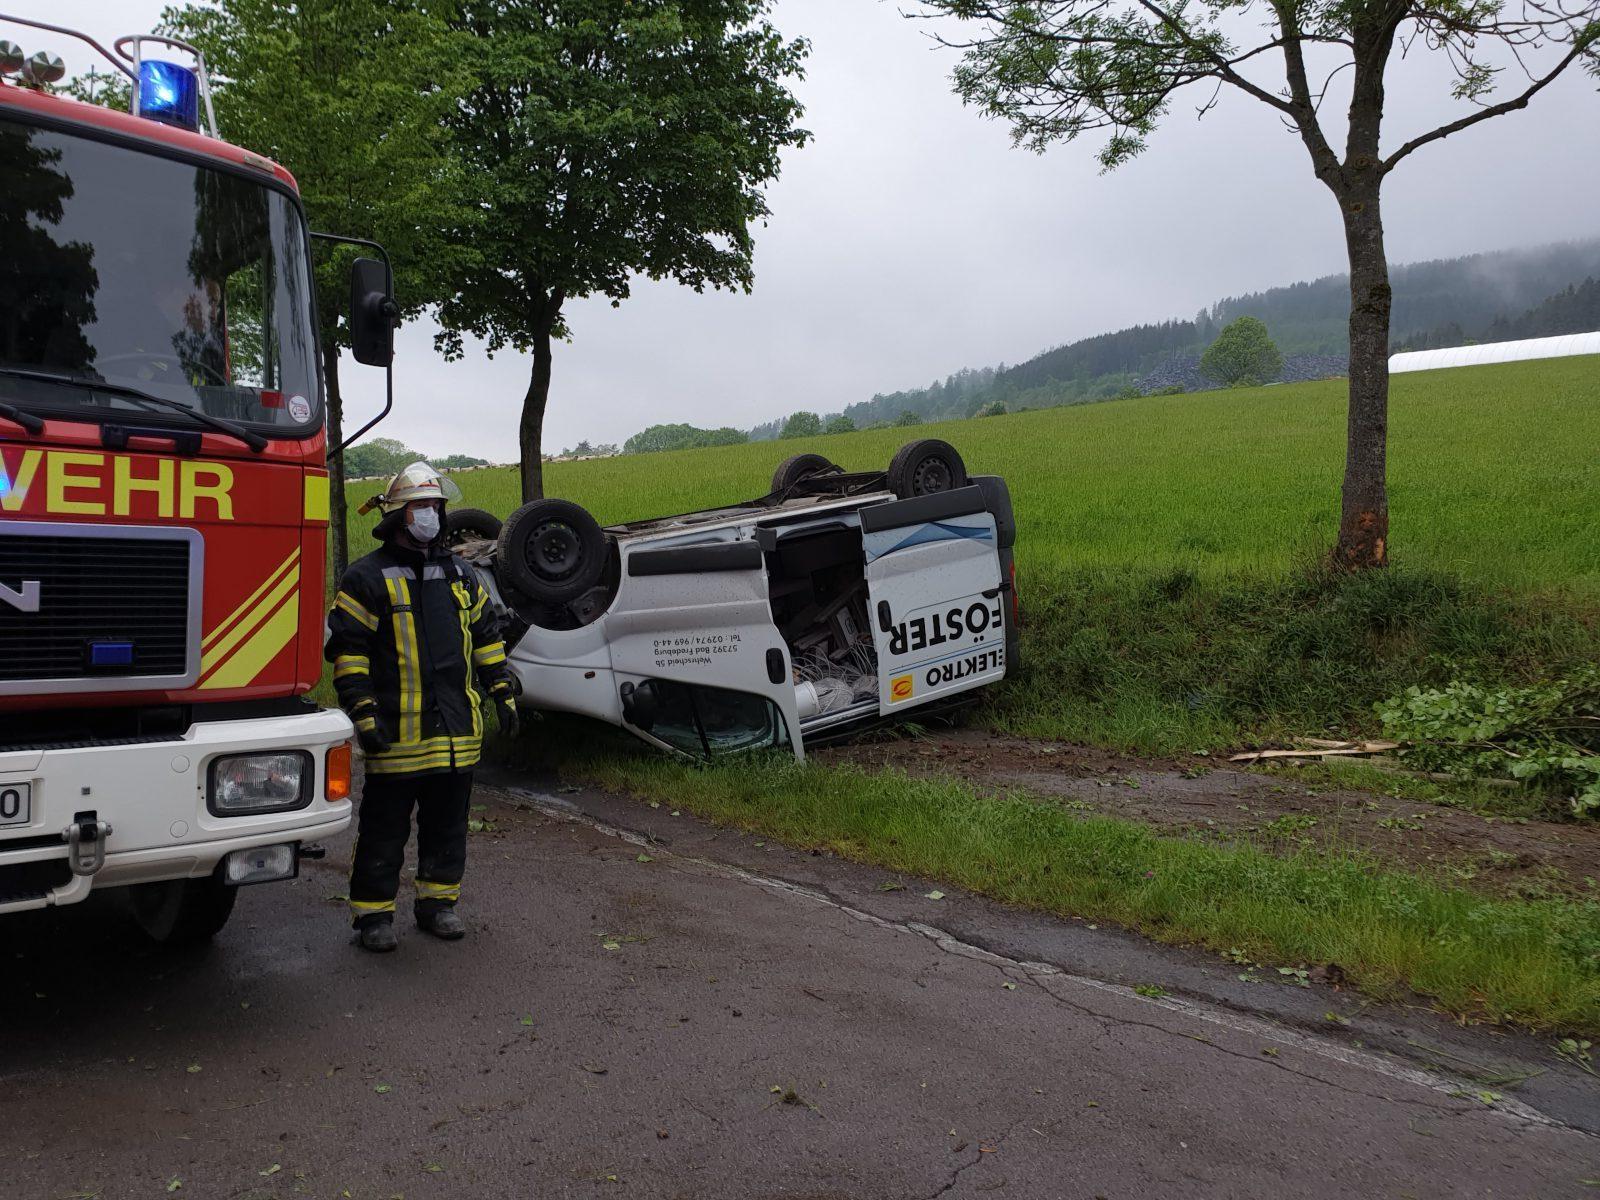 Verkehrsunfall mit Kleintransporter zwischen Huxel und Bad Fredeburg